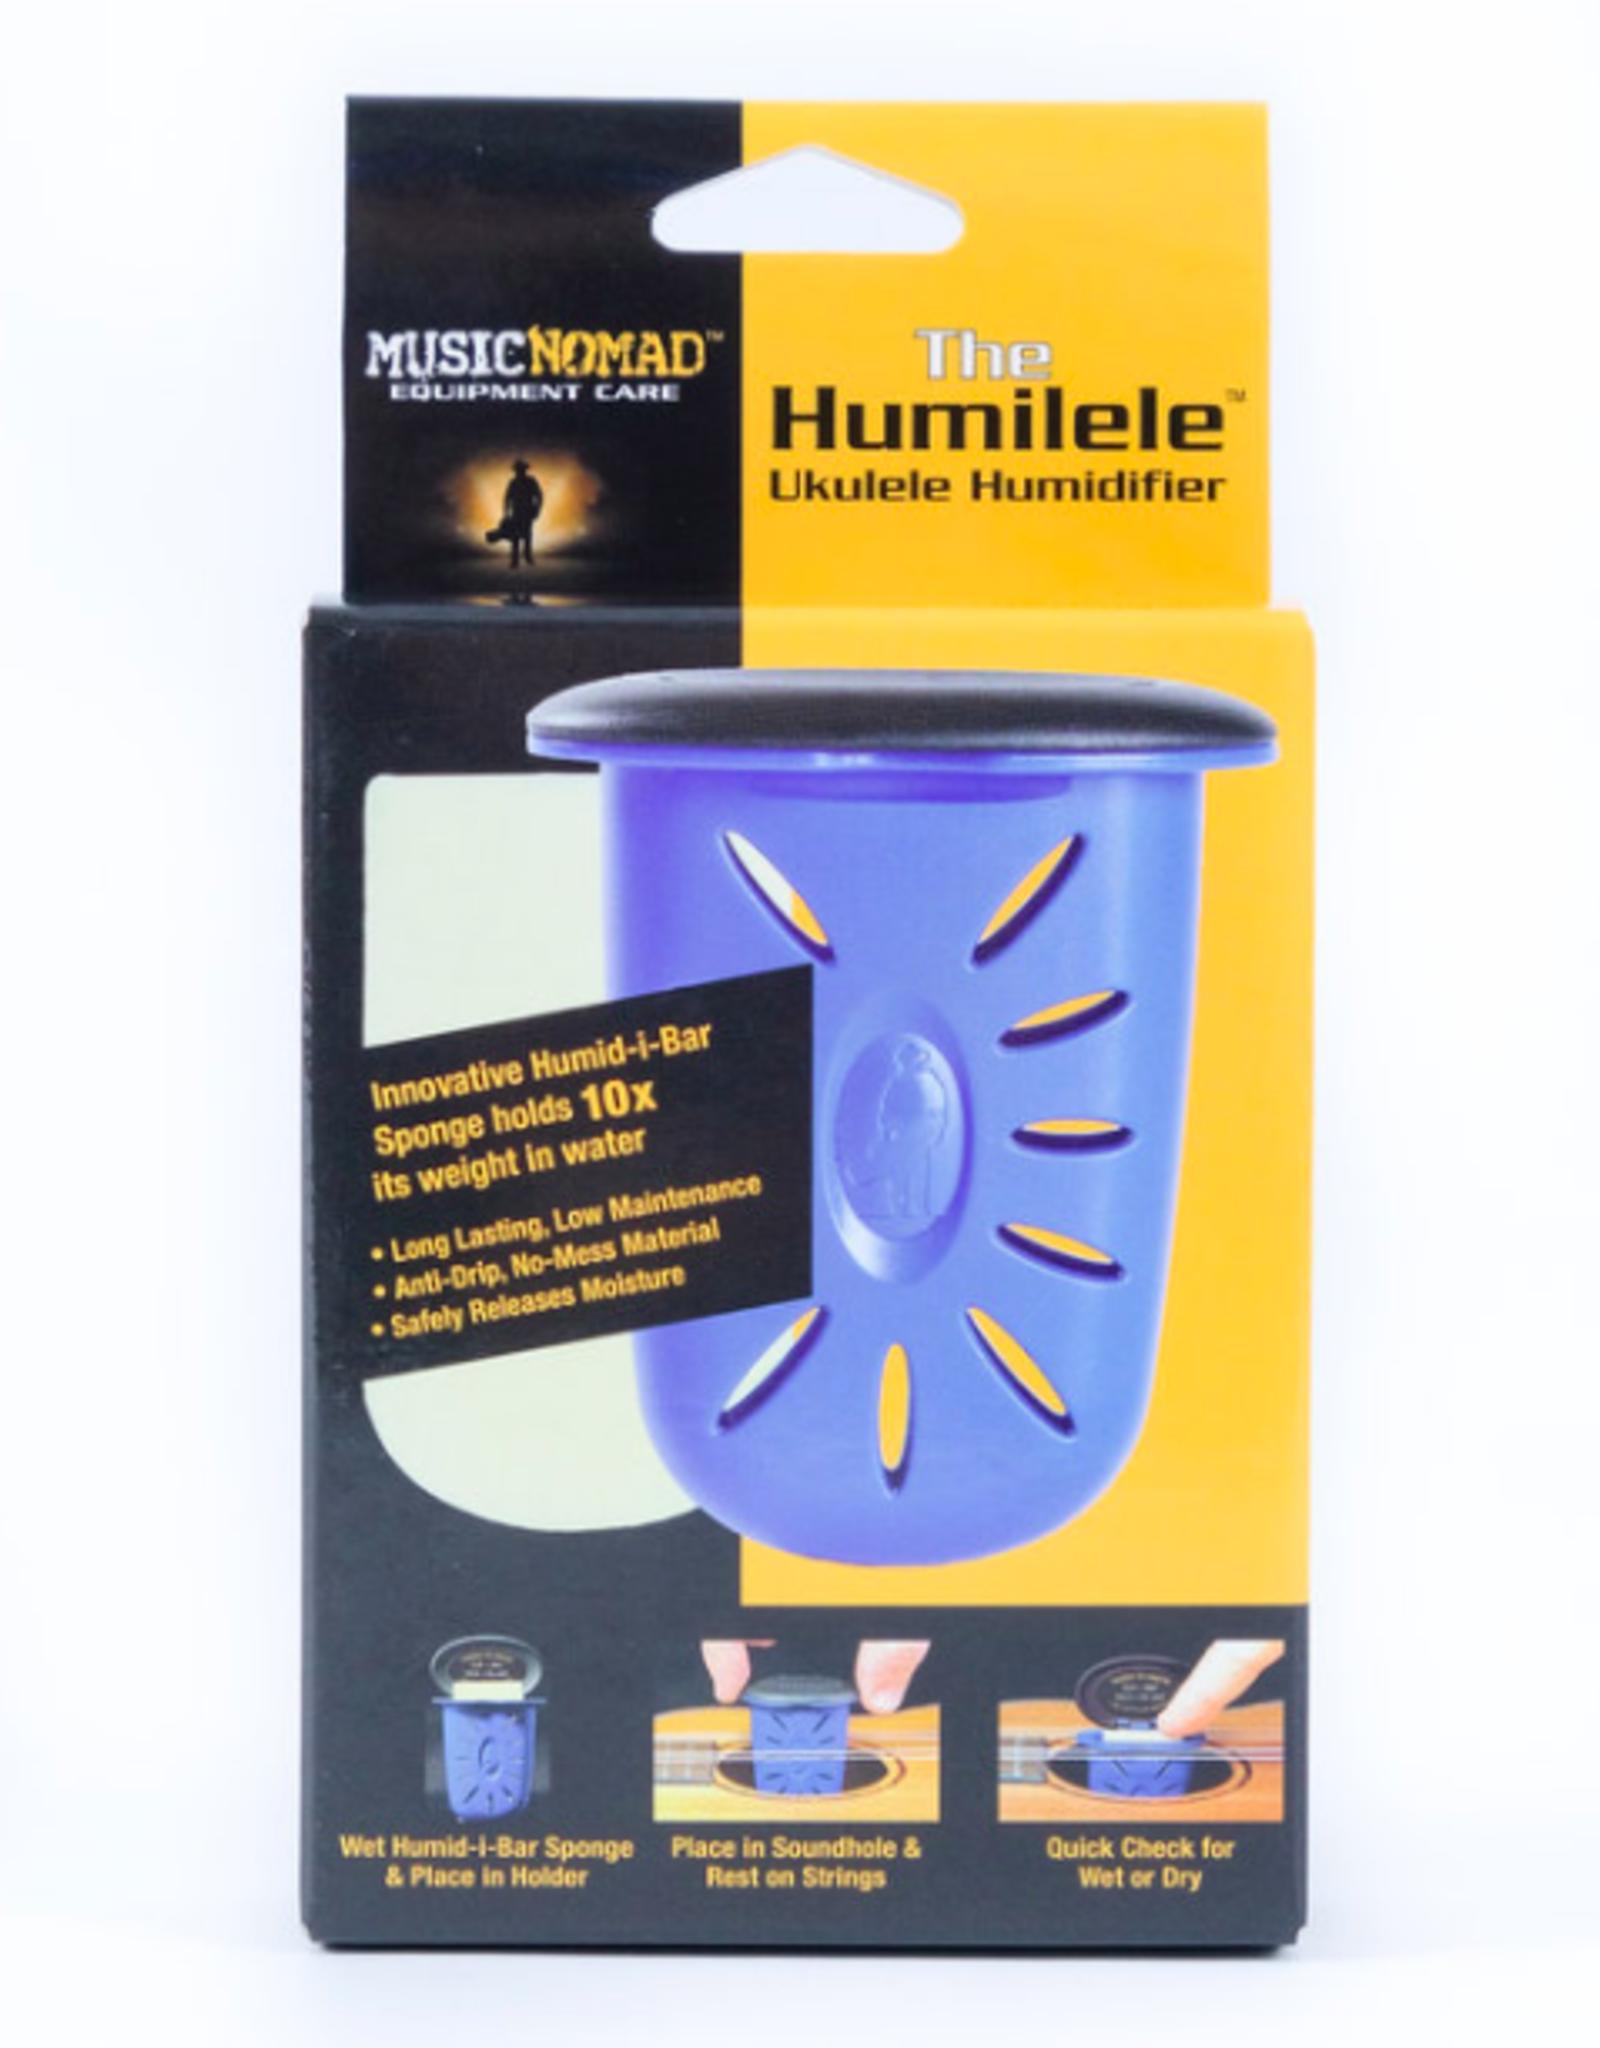 MUSIC NOMAD Music Nomad The Humilele-Ukulele Humidifier